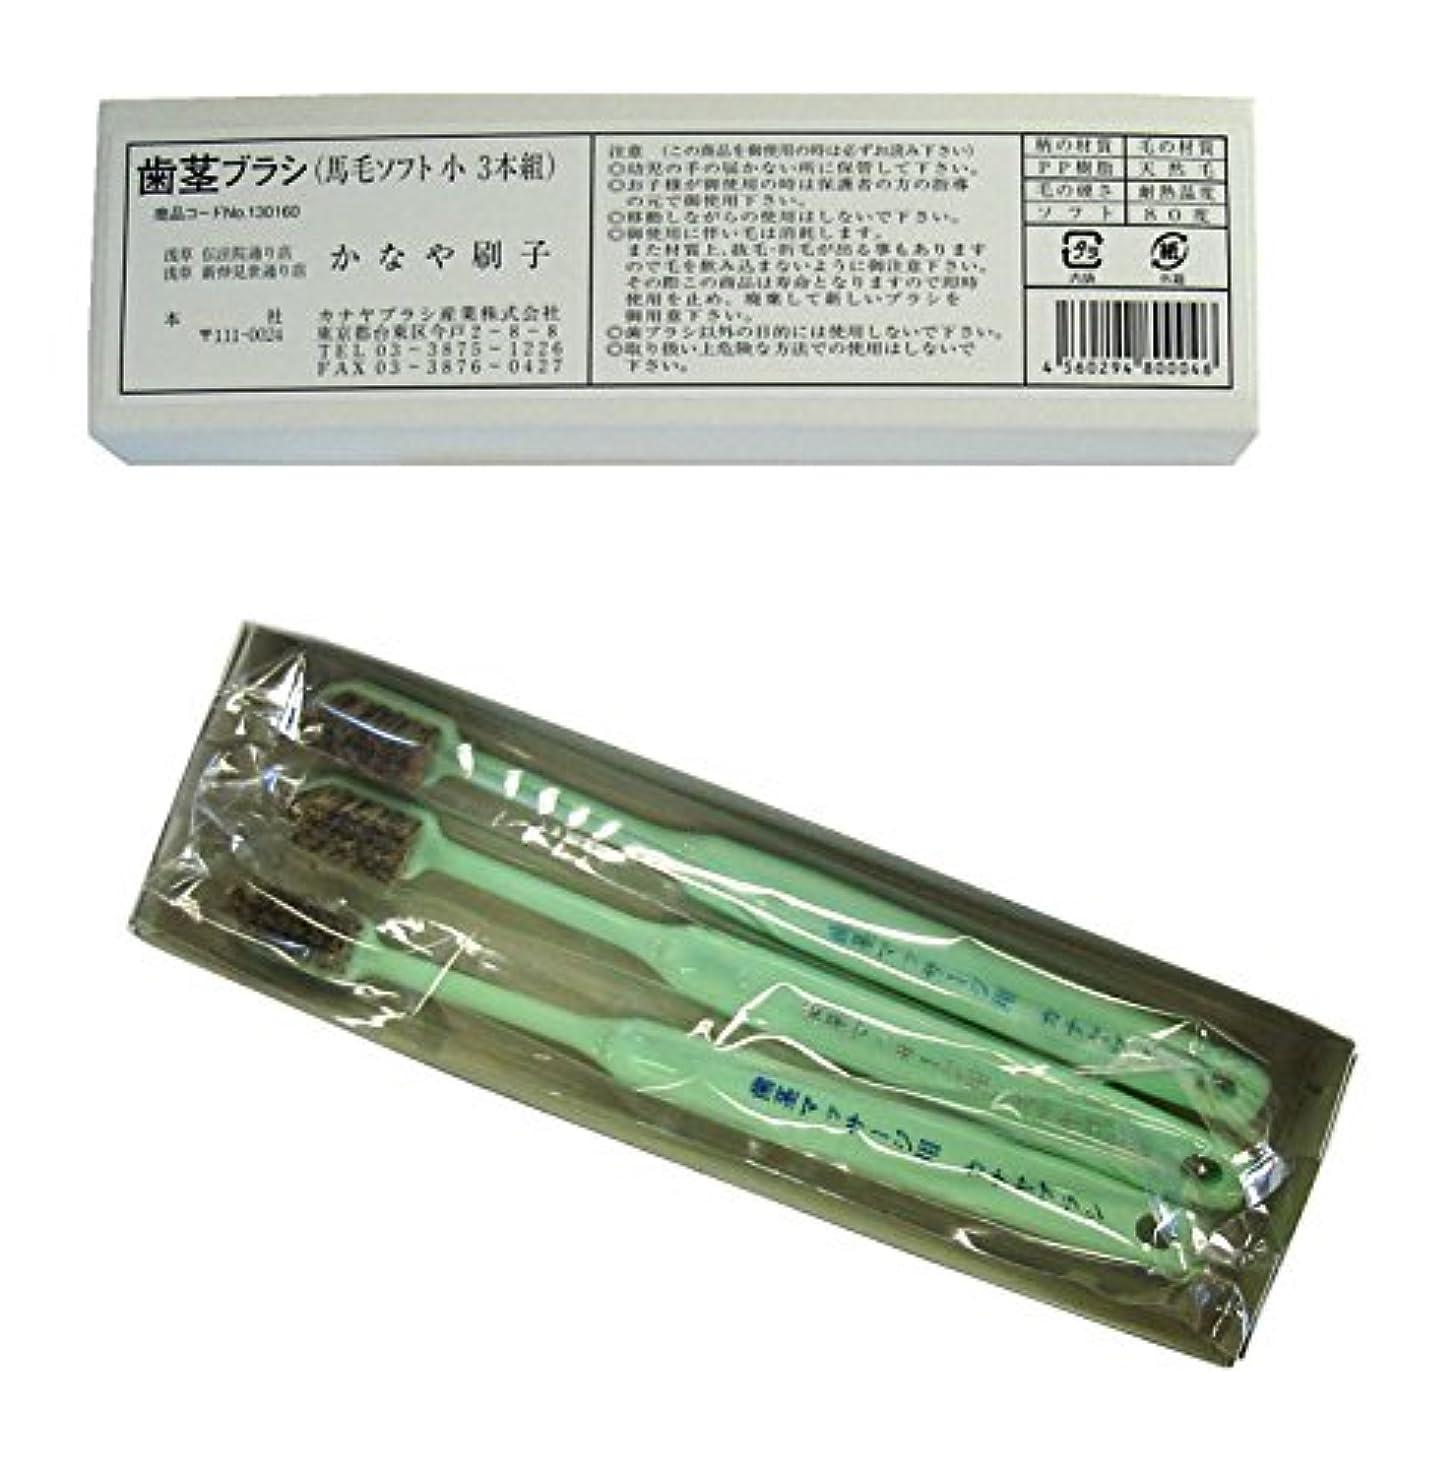 アイザック締め切り蓄積する馬毛歯茎ブラシ(3本入り) 絶品! カナヤブラシ製品 毛質:超ソフト